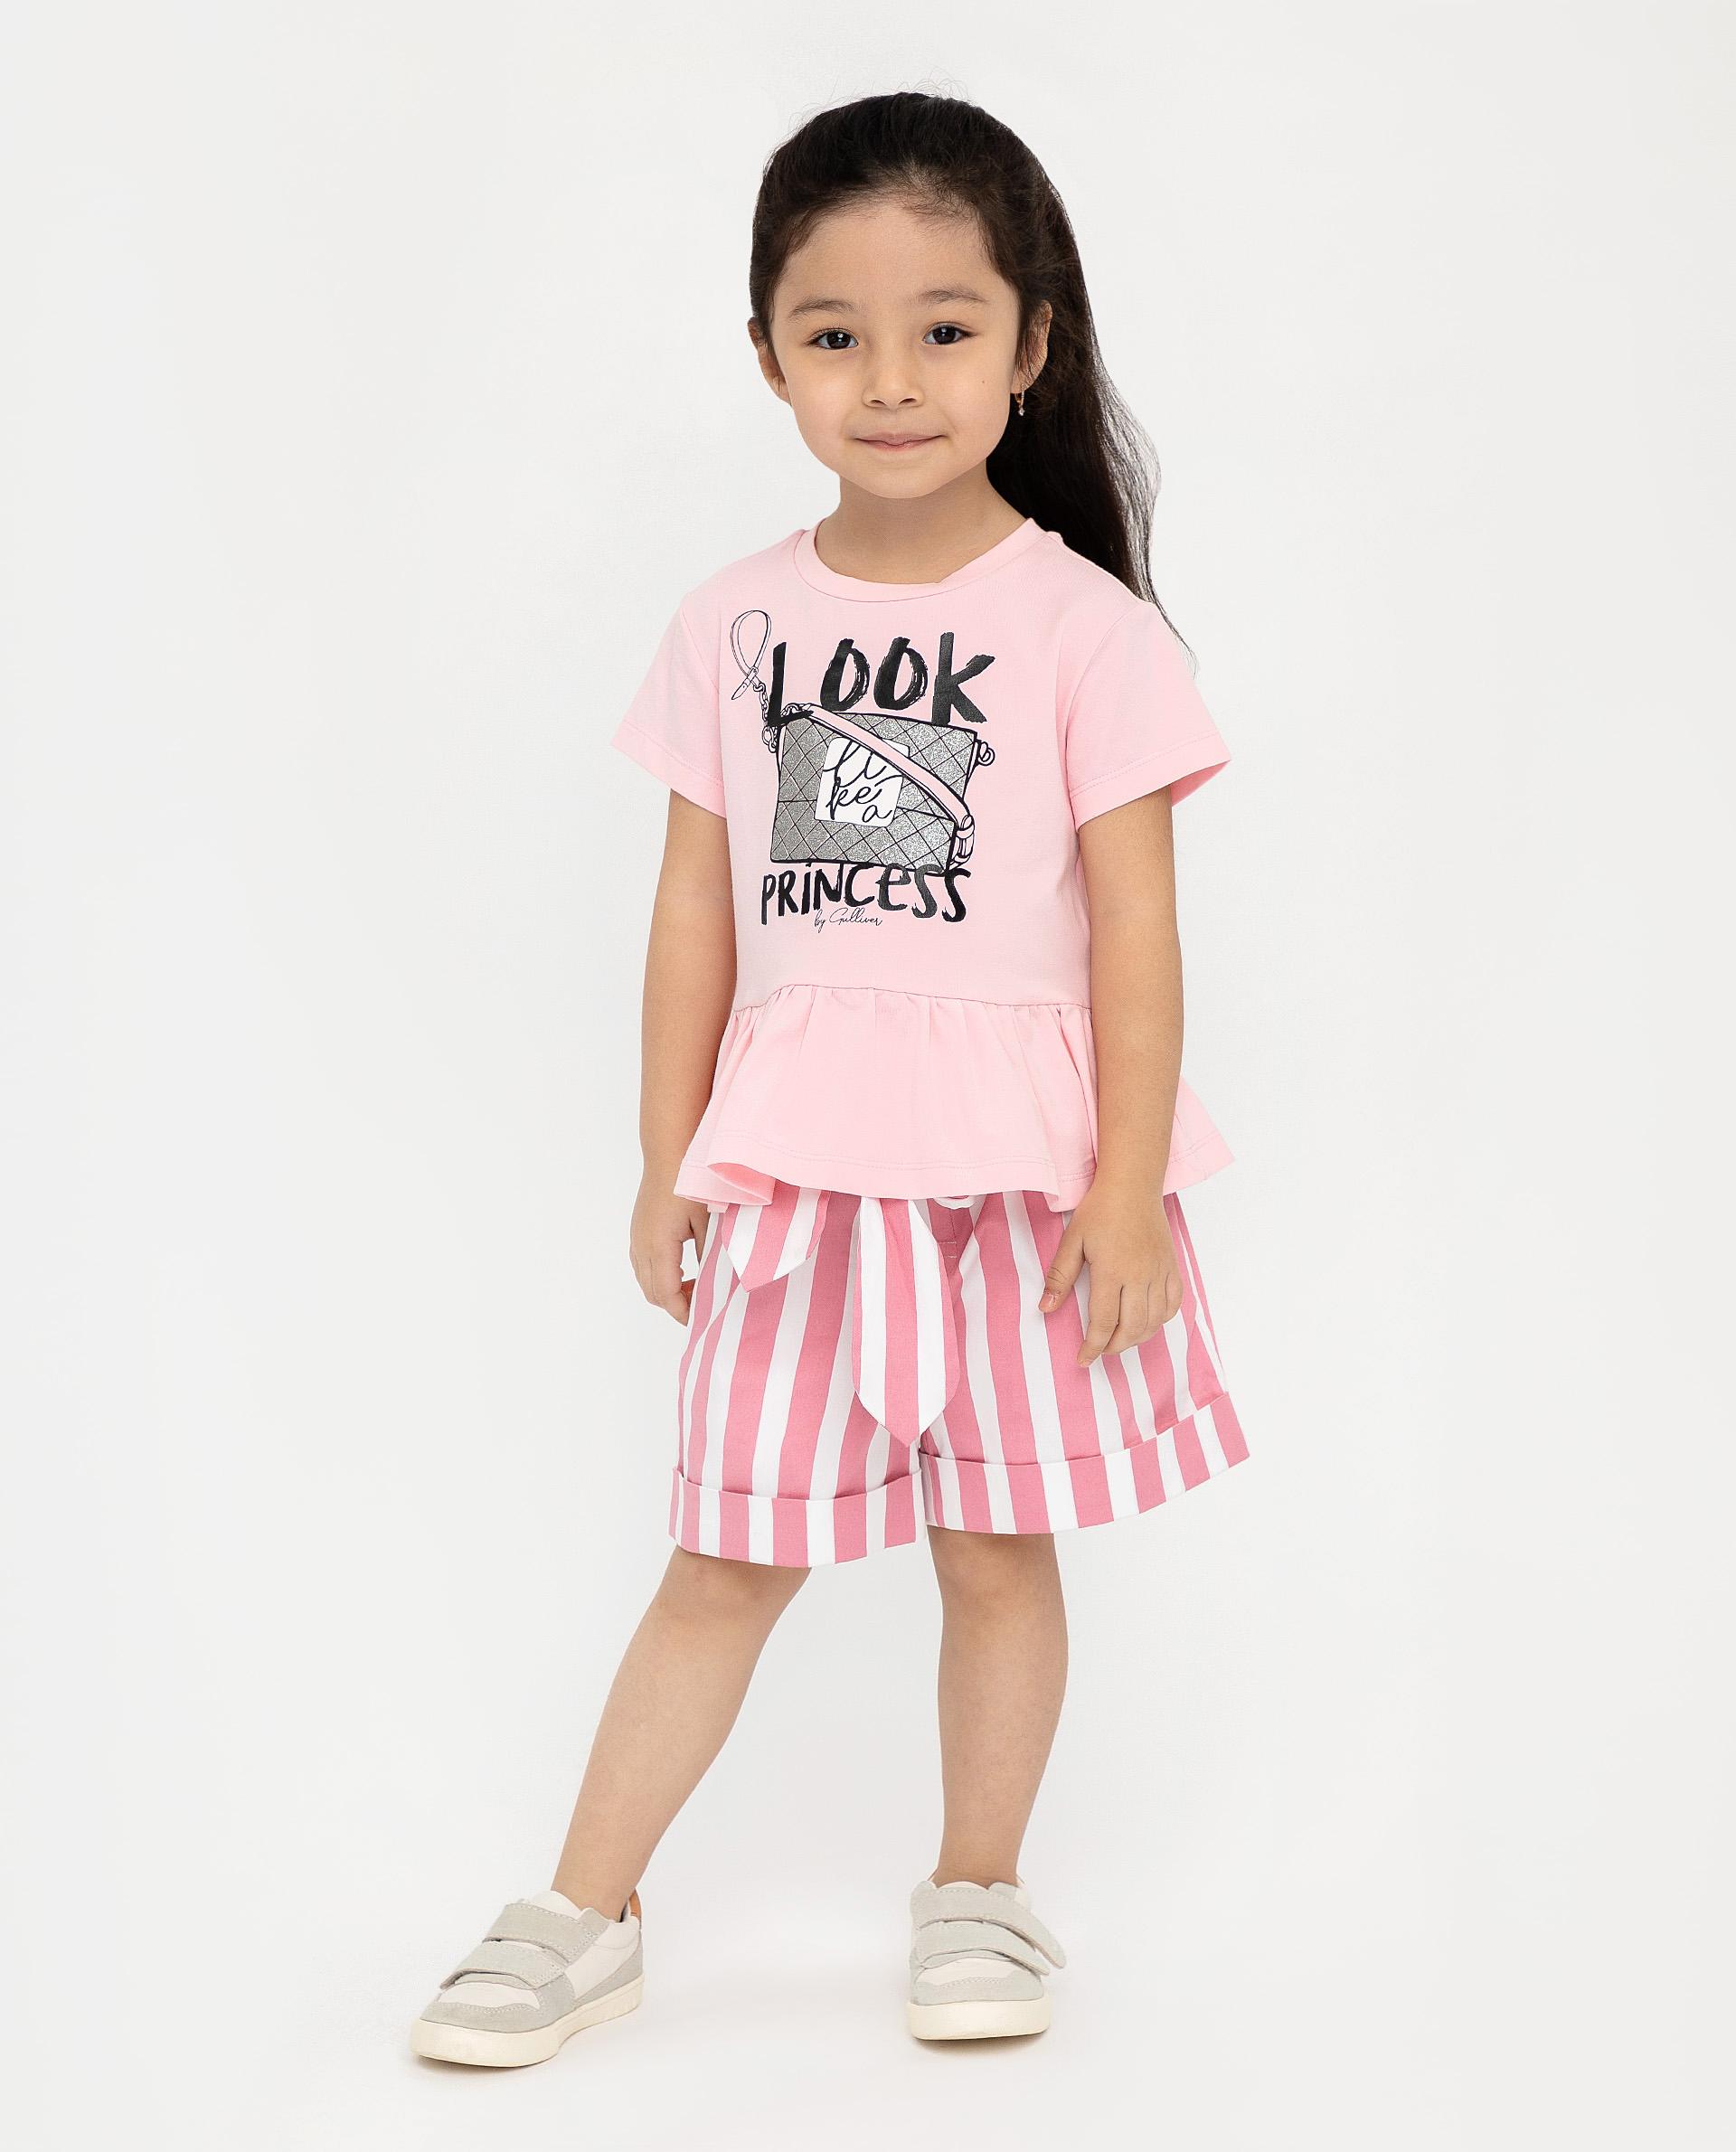 Купить 12001GMC1202, Розовая футболка с коротким рукавом Gulliver, розовый, 110, Женский, ВЕСНА/ЛЕТО 2020 (shop: GulliverMarket Gulliver Market)